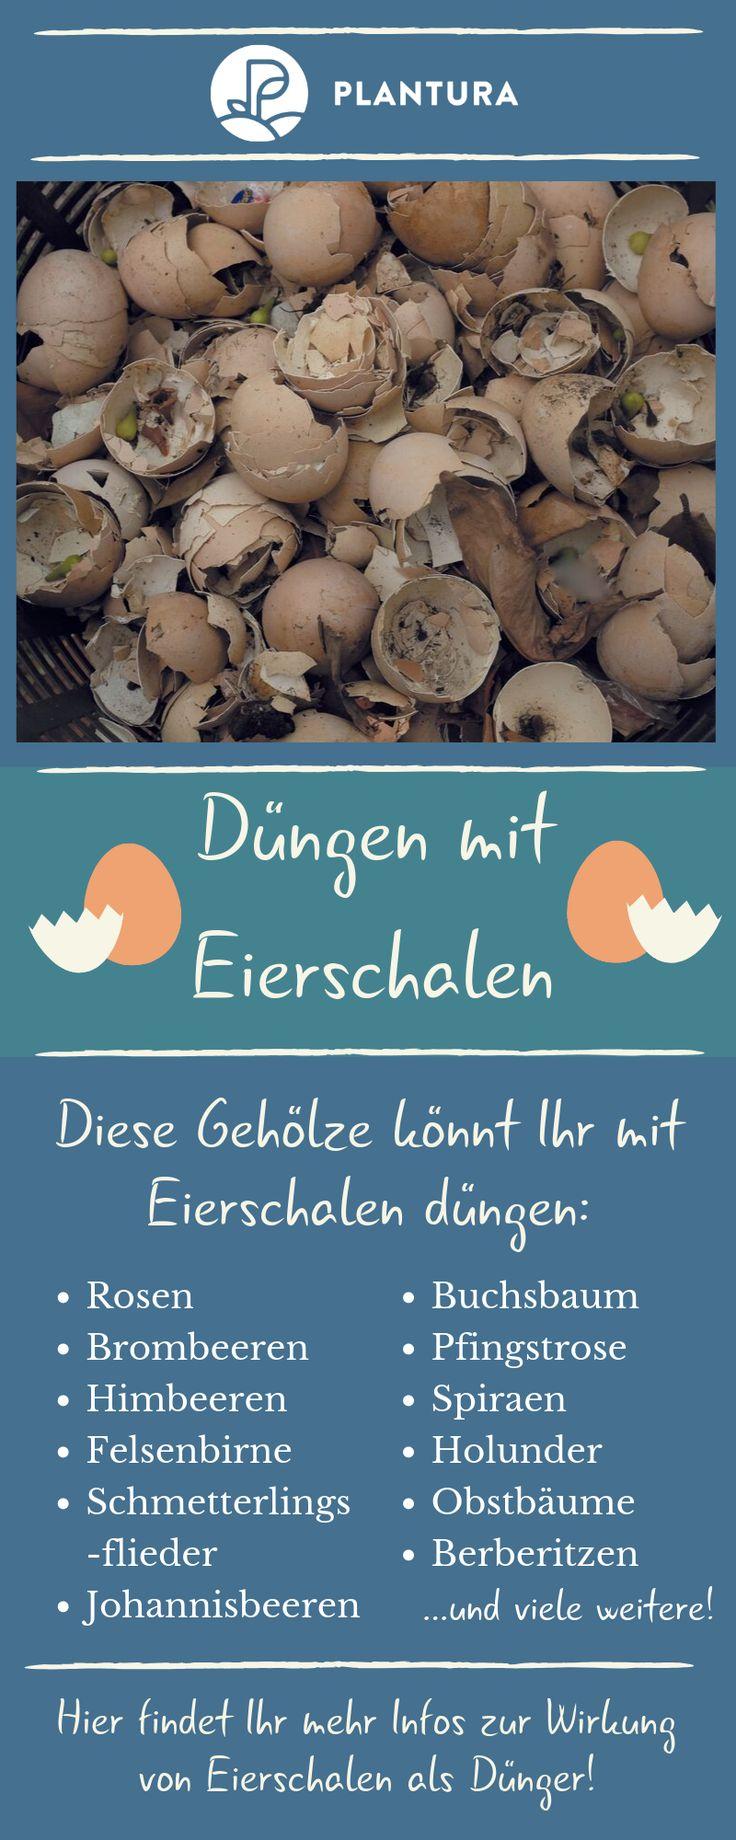 Eierschalen als Dünger: Anwendung & Wirkung